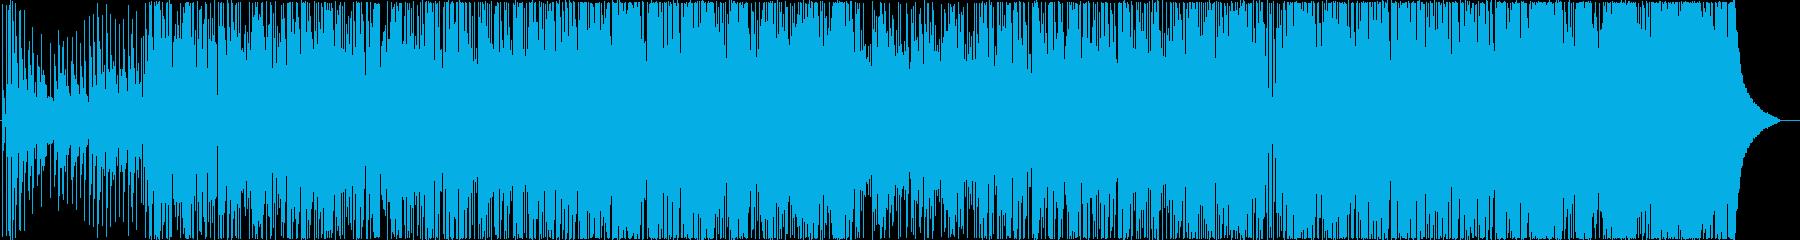 朝のコーヒータイムをイメージしたBGMの再生済みの波形